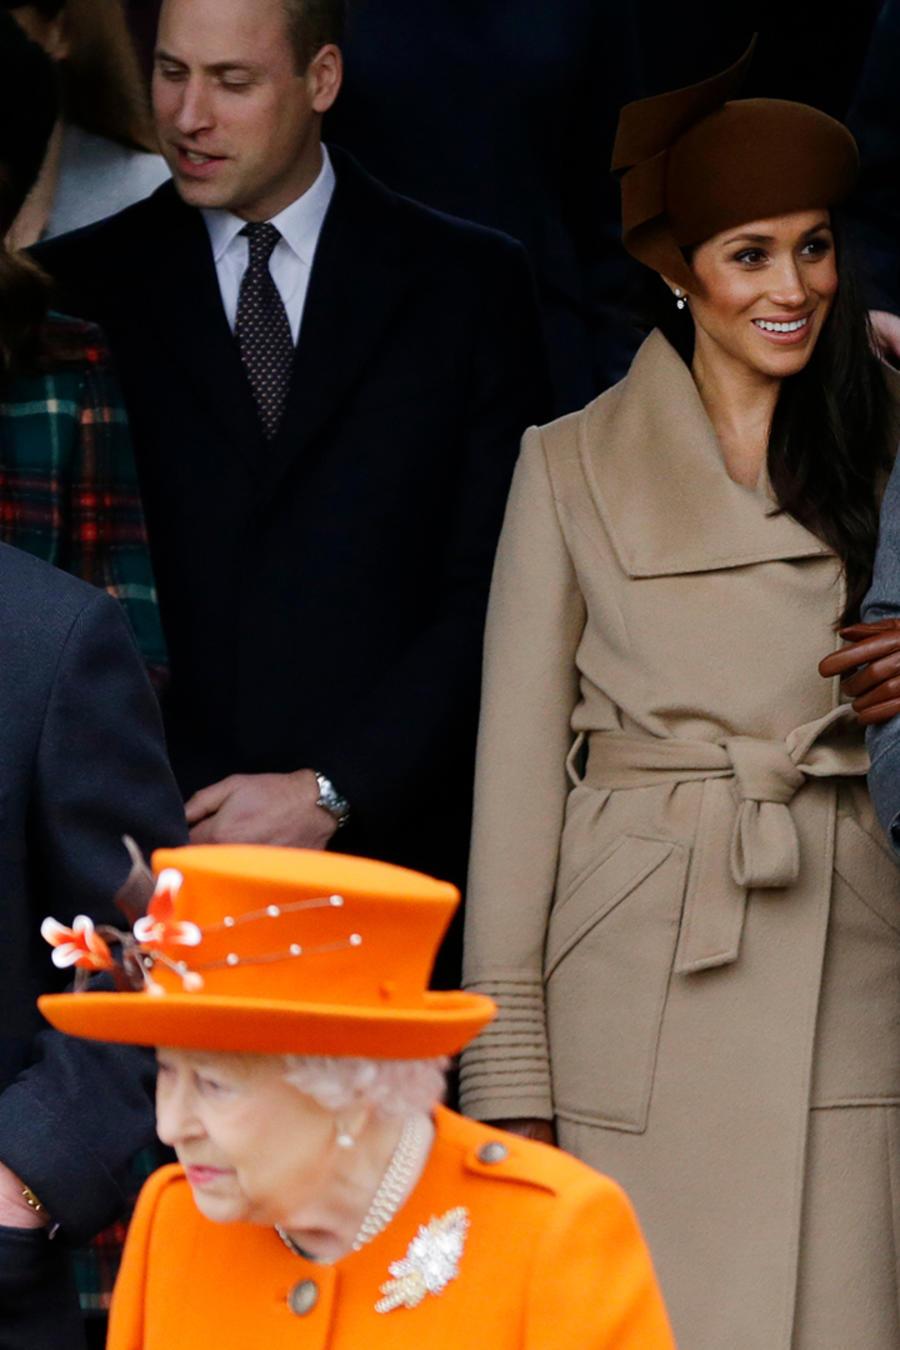 El príncipe Enrique y su prometida Meghan Markle llegan al servicio religioso de Navidad en la iglesia de Santa Magdalena en Sandringham, Inglaterra, el lunes 25 de diciembre de 2017.